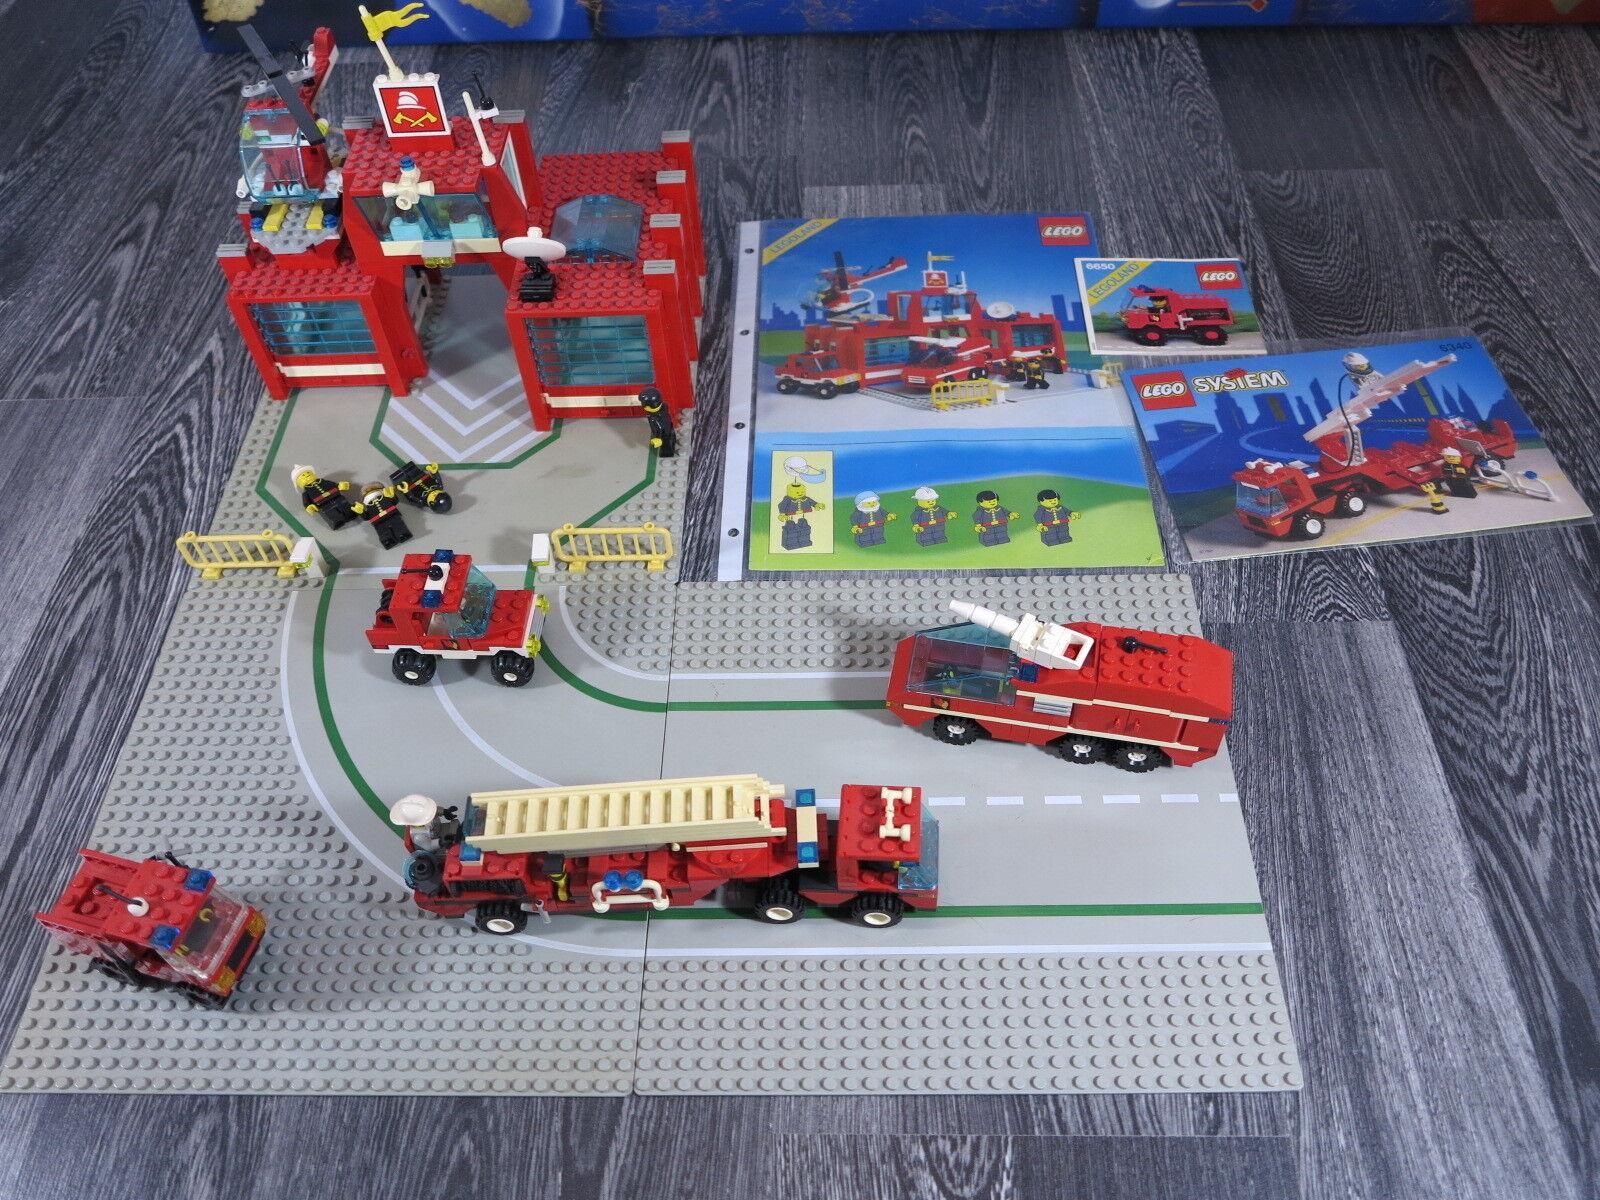 Lego City 6389,6650,6340 pompiers, voitures, camions, deuxième, 2-Disques, ect.